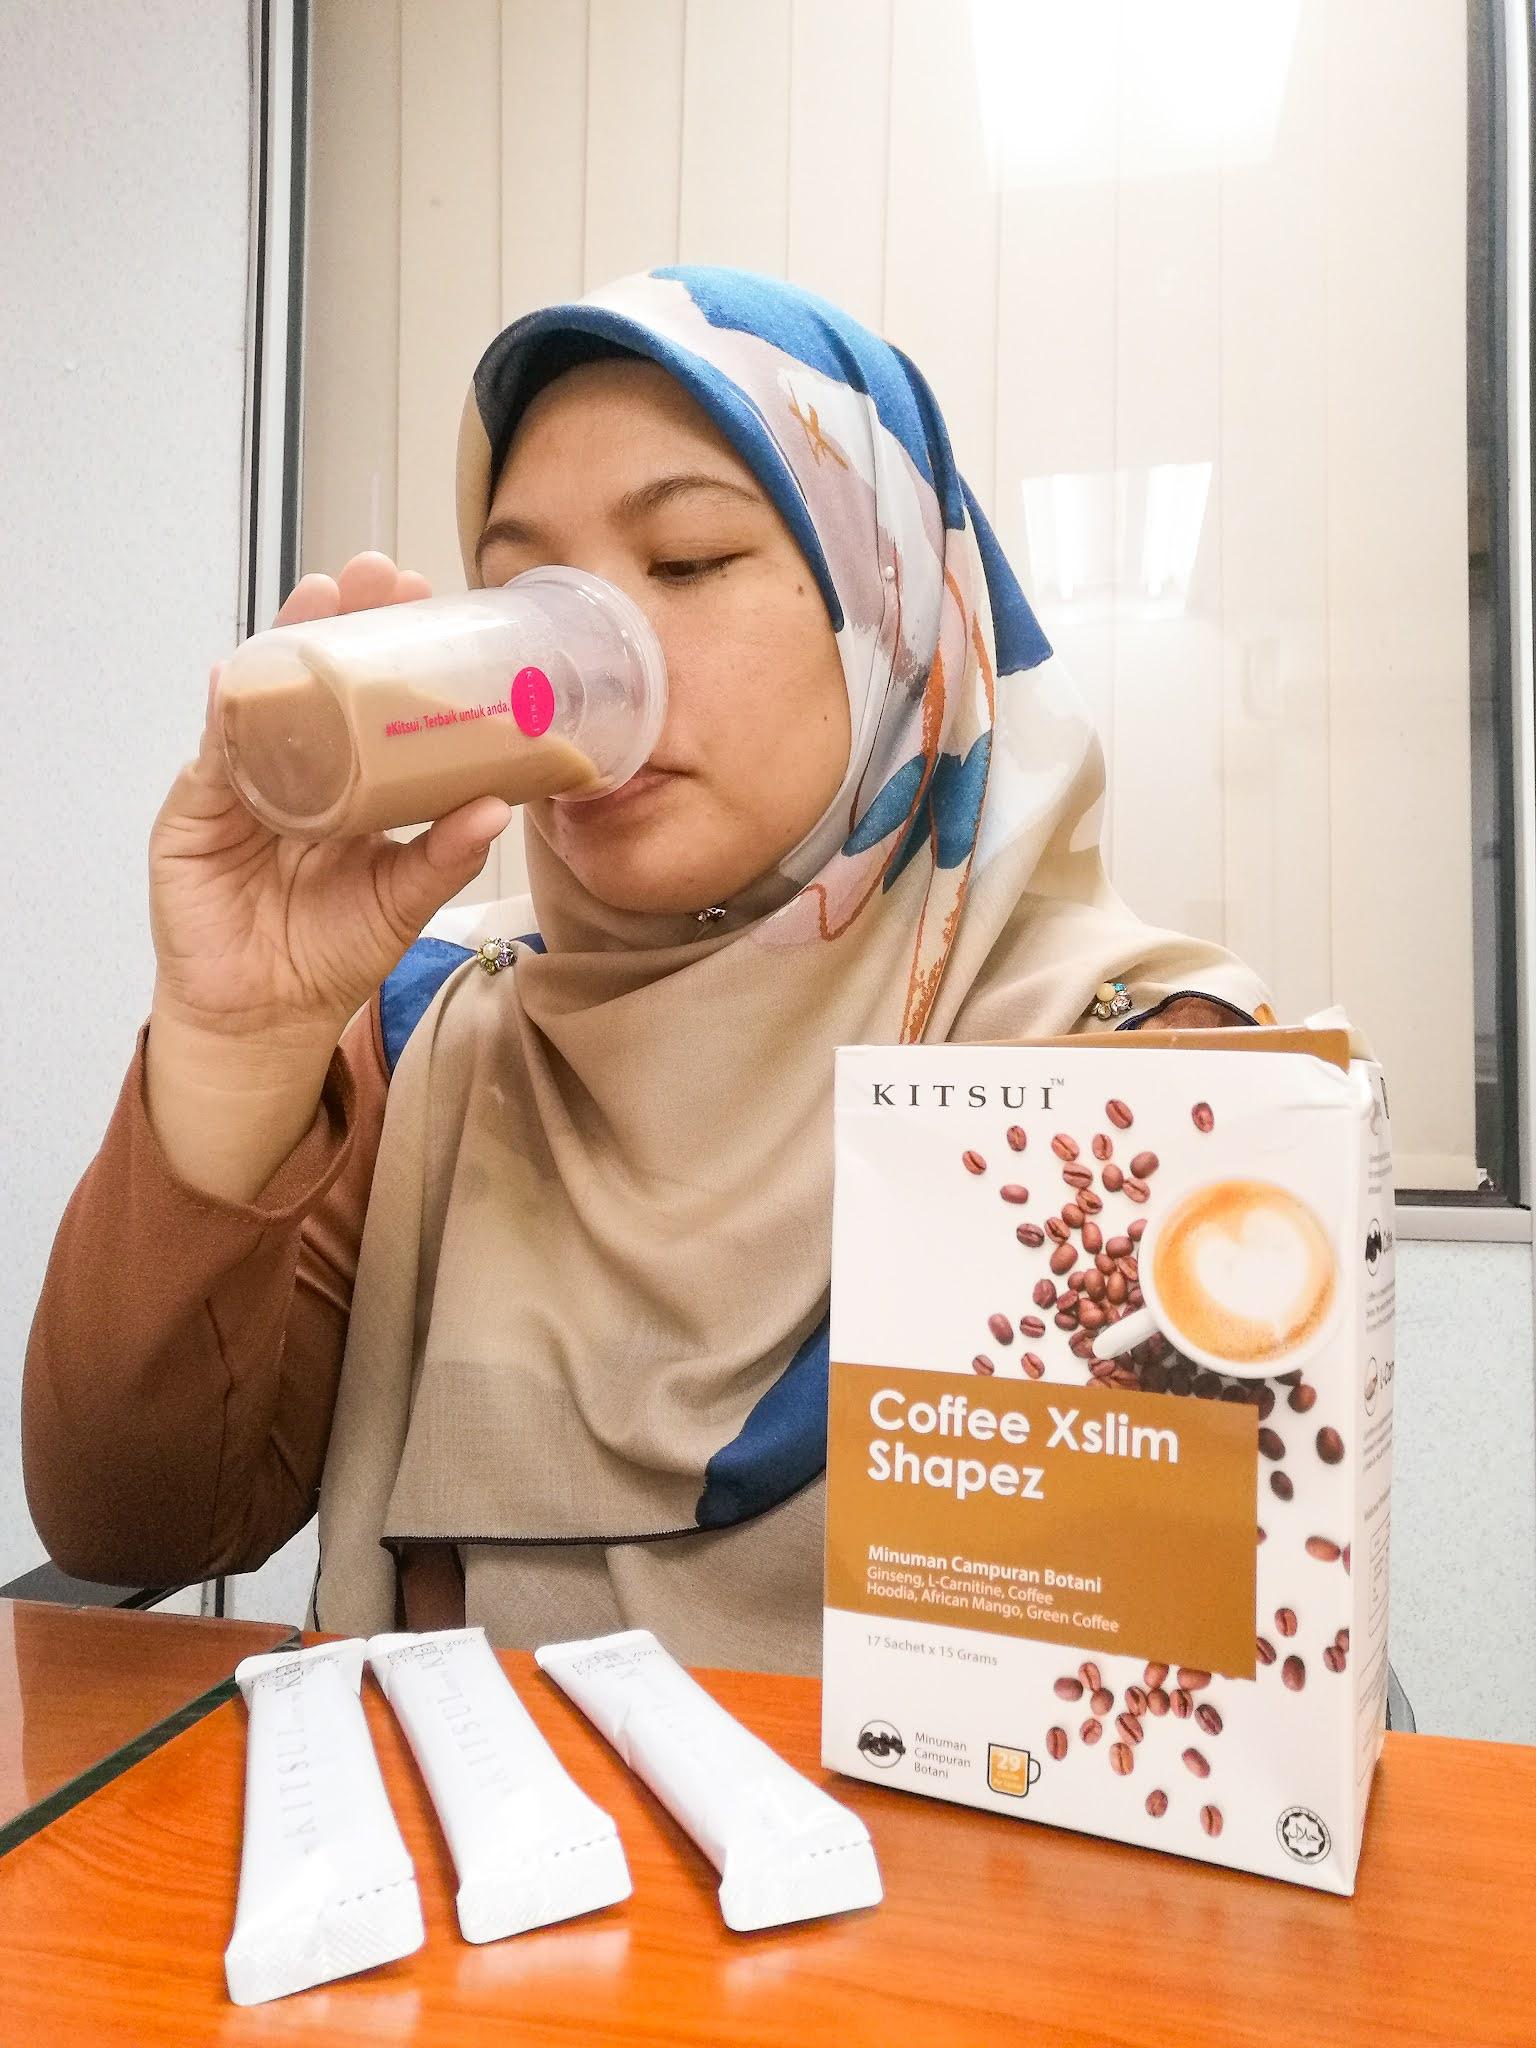 Minum Coffee Xslim Shapez untuk Menjaga Bentuk Badan Anda